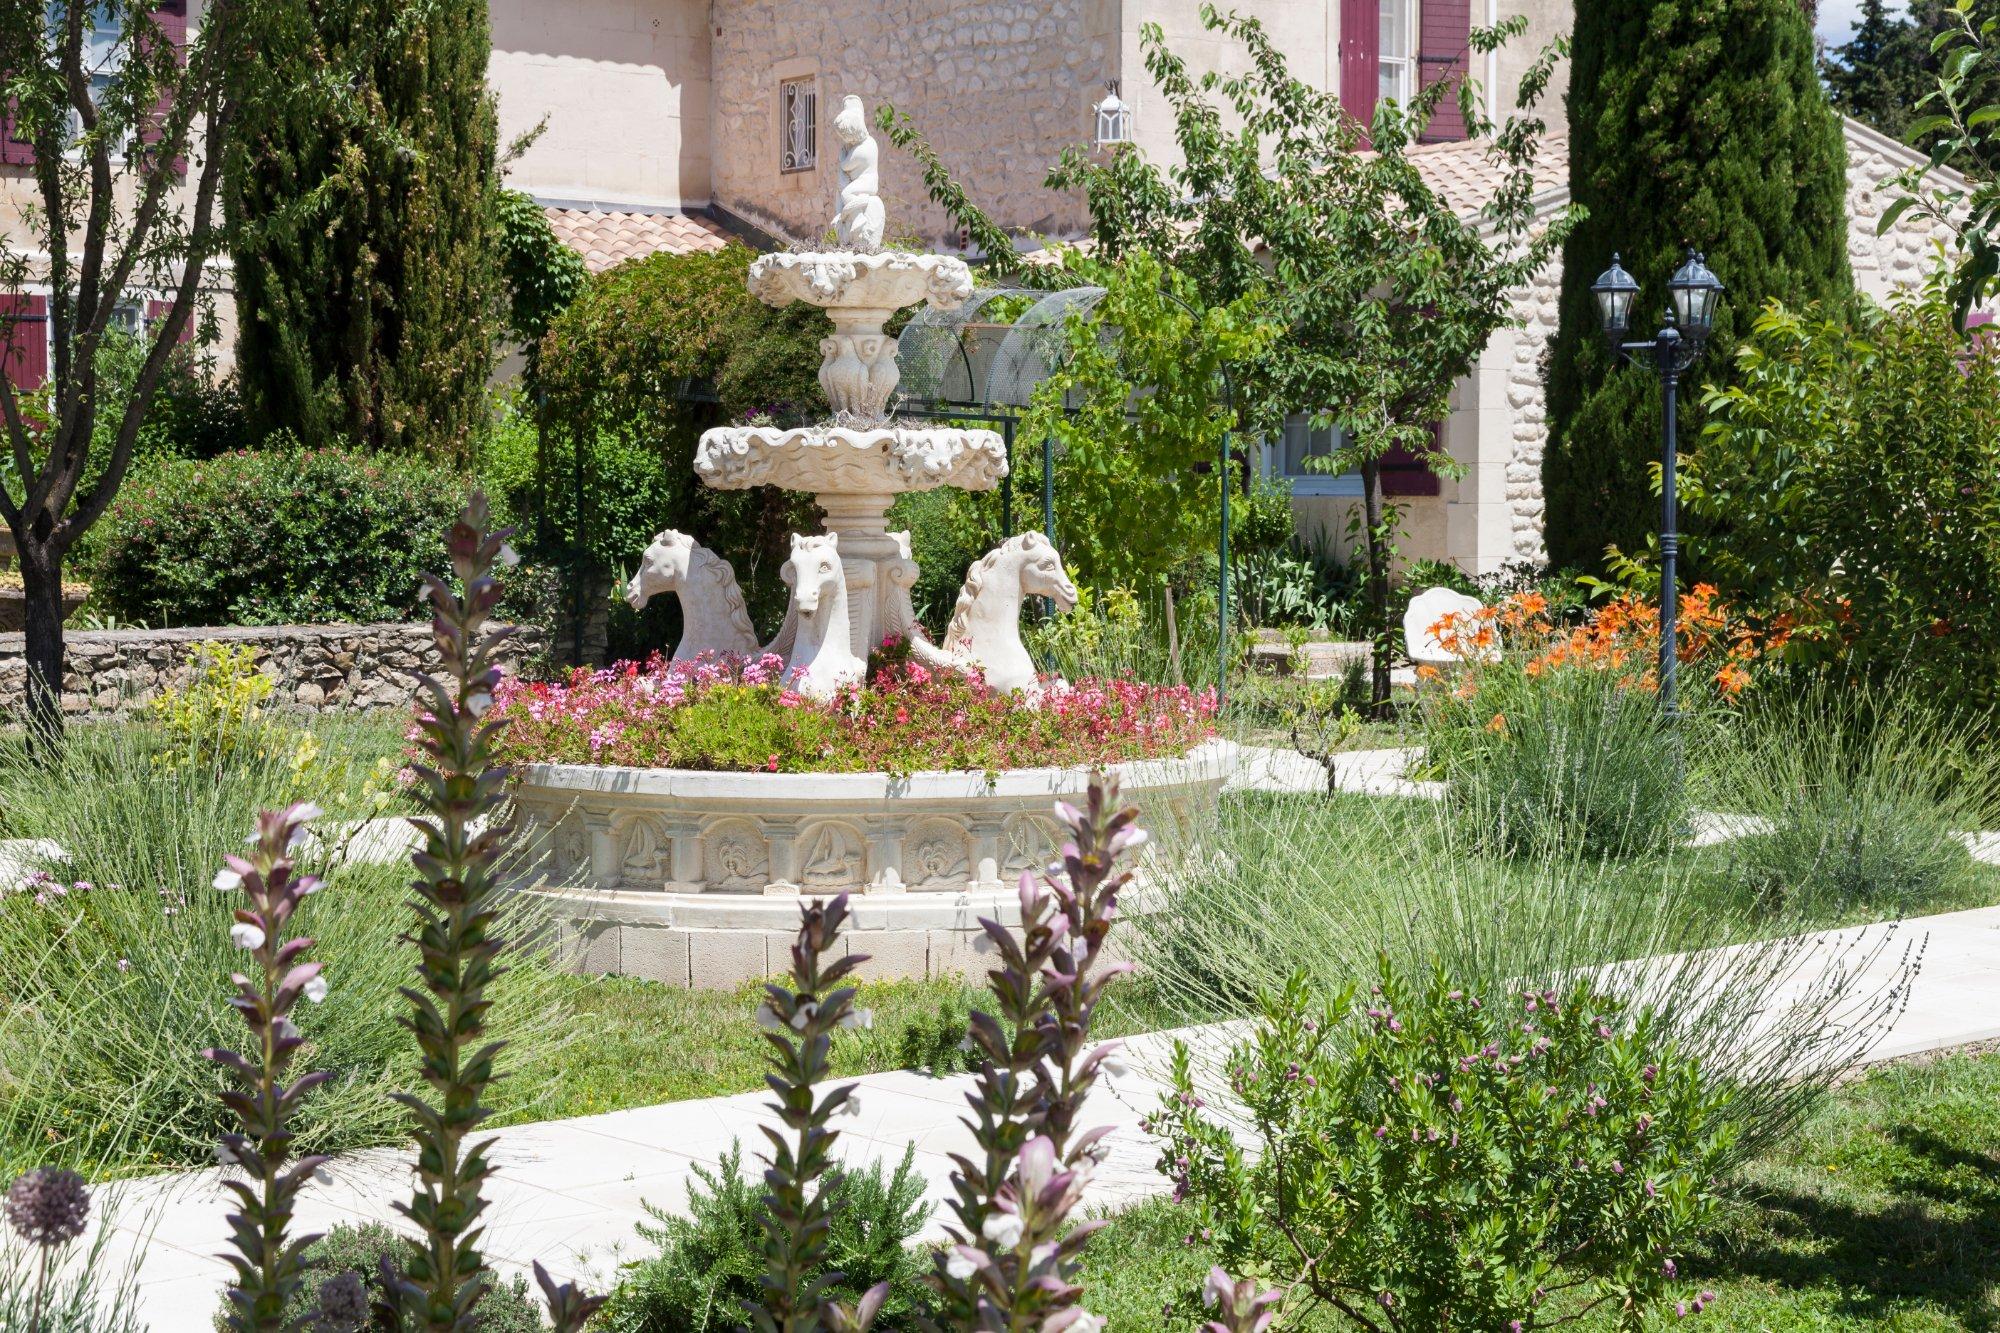 Auberge du mas de la feni re arles frankrig hotel for O jardin ideal route de montauban bessieres